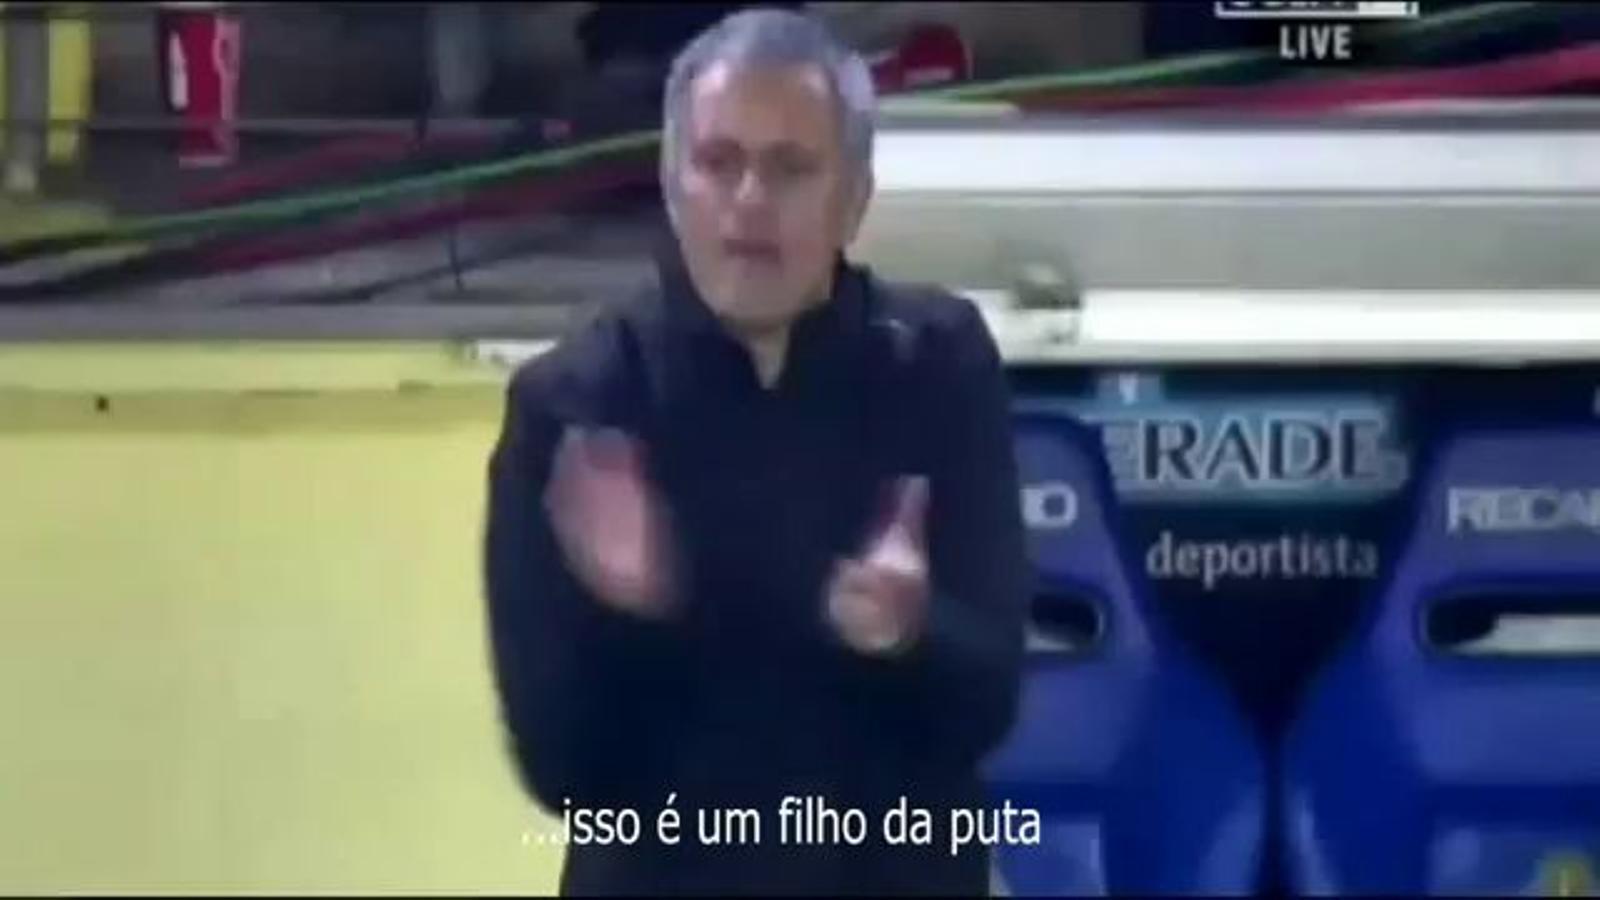 Els insults de Mourinho a Paradas Romero